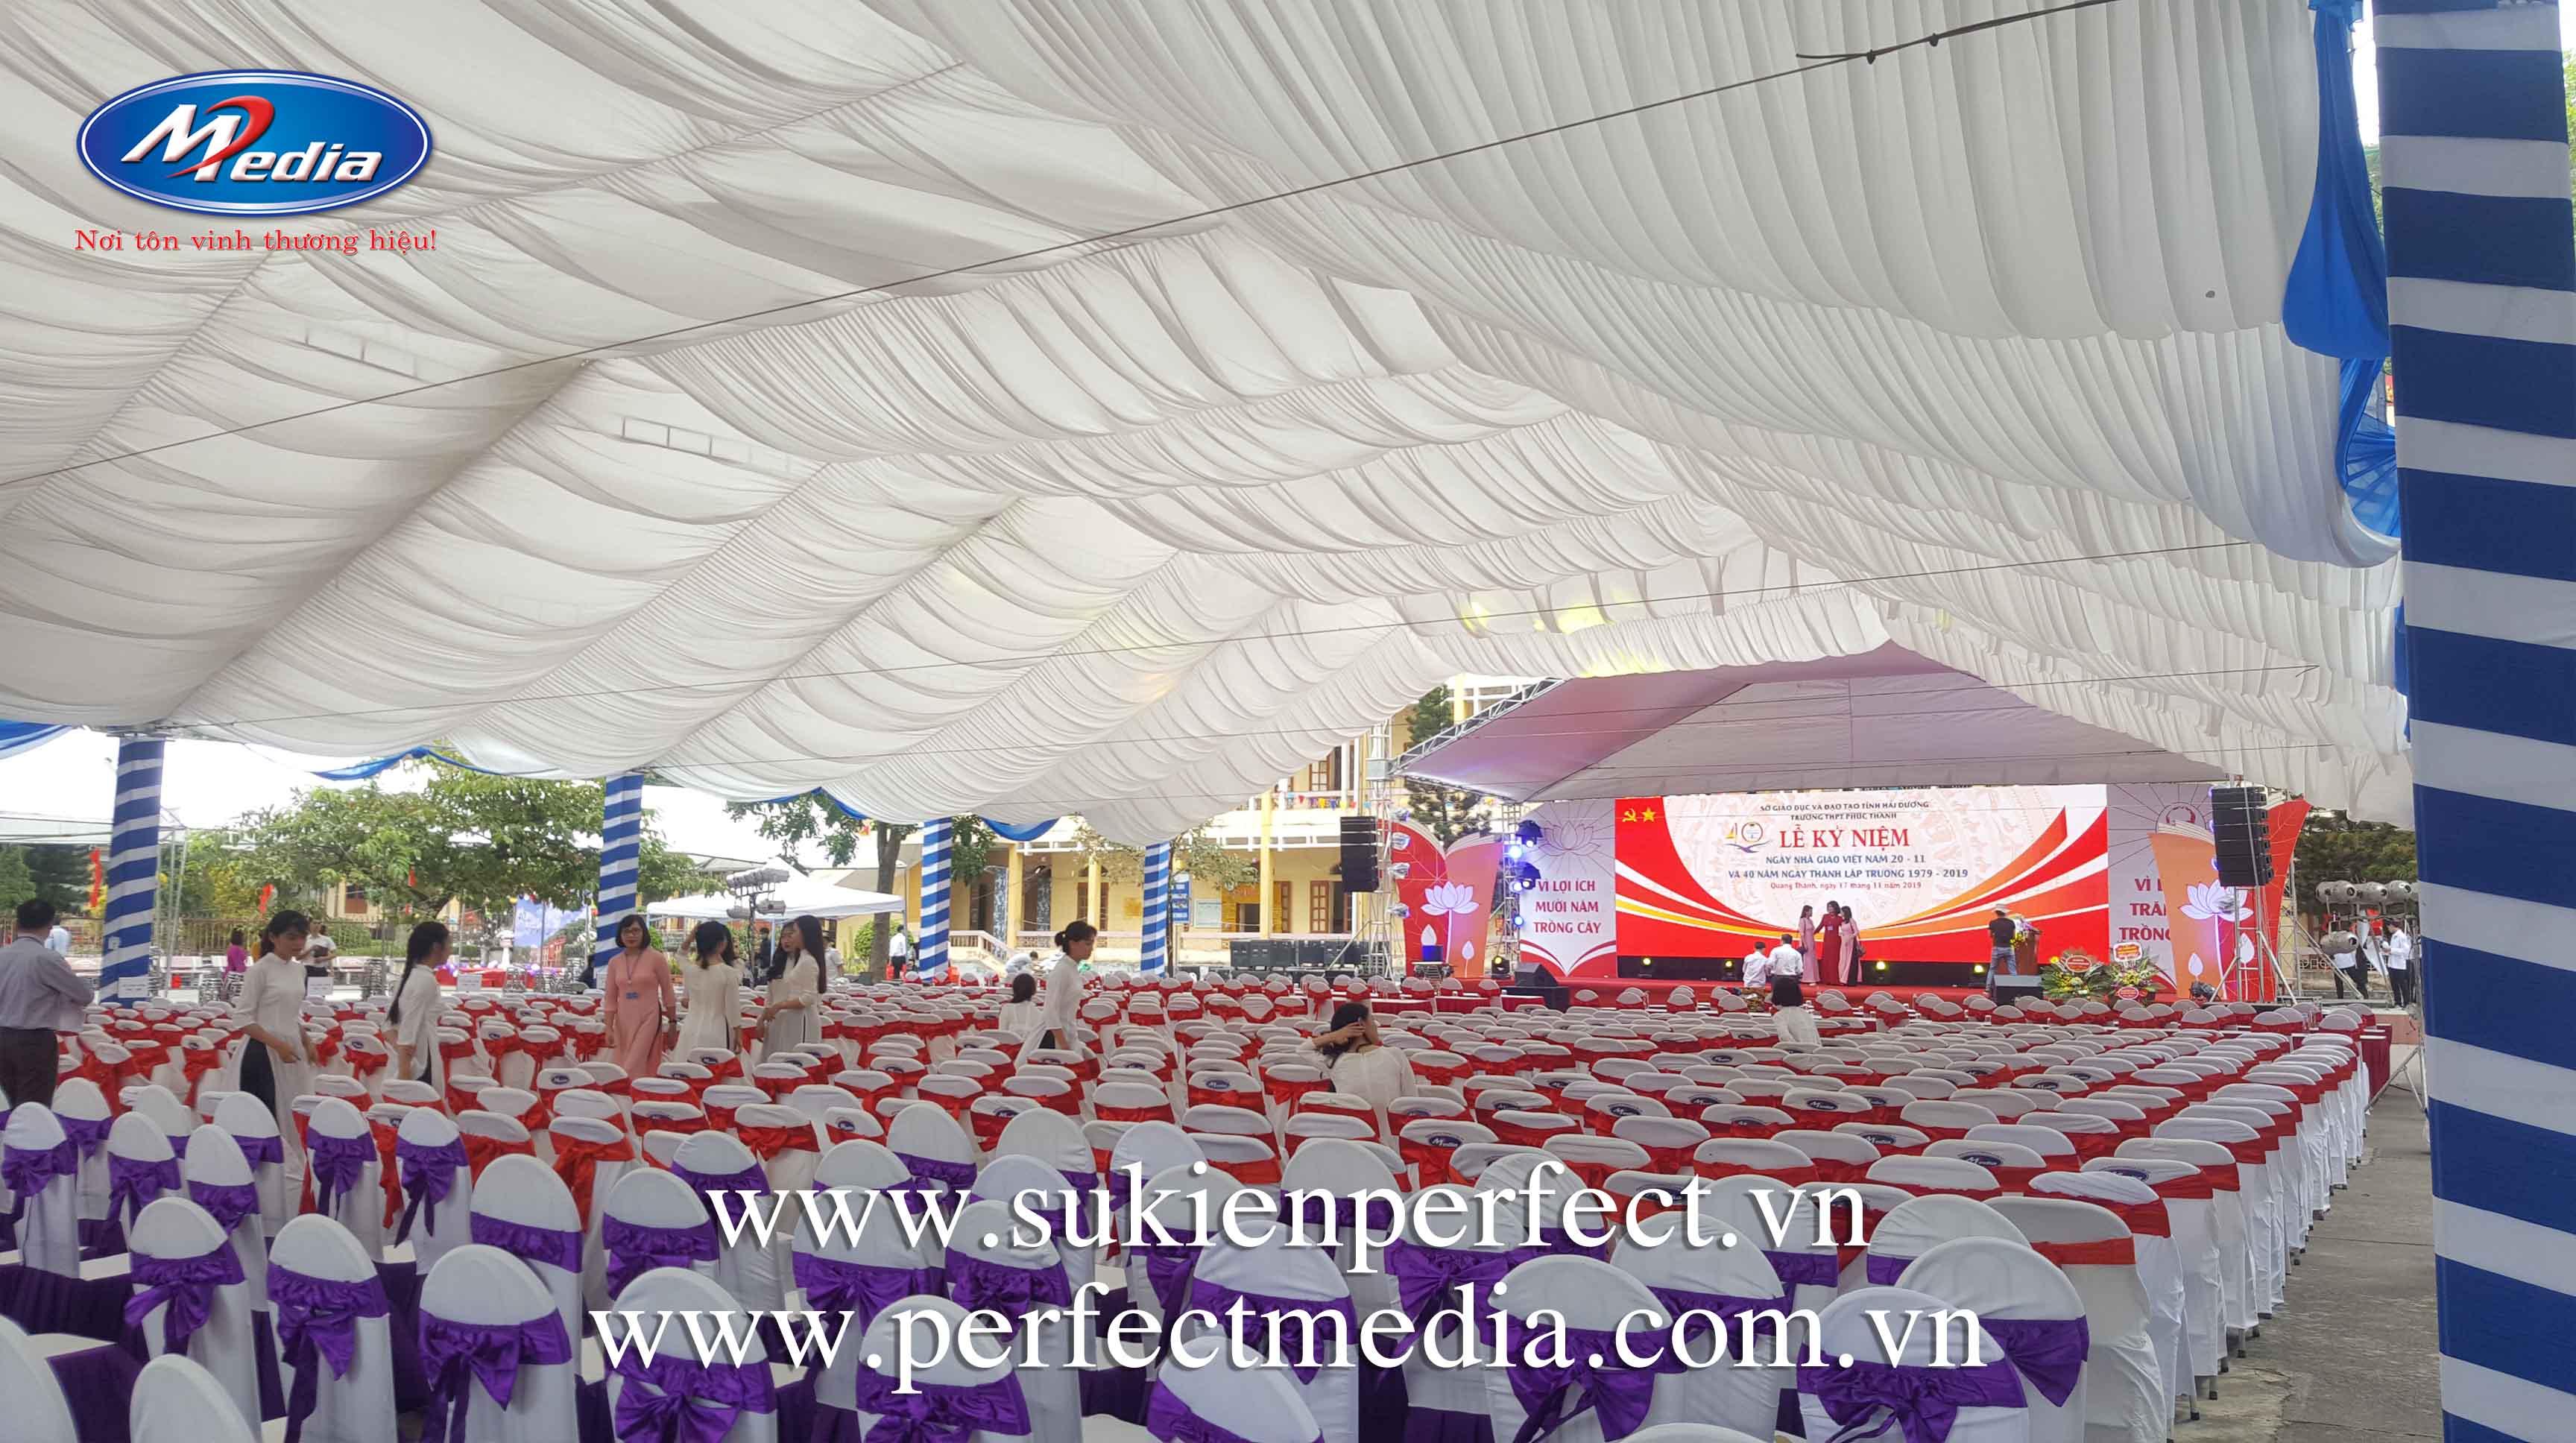 Dịch vụ tổ chức sự kiện lễ kỷ niệm tại Bắc Giang